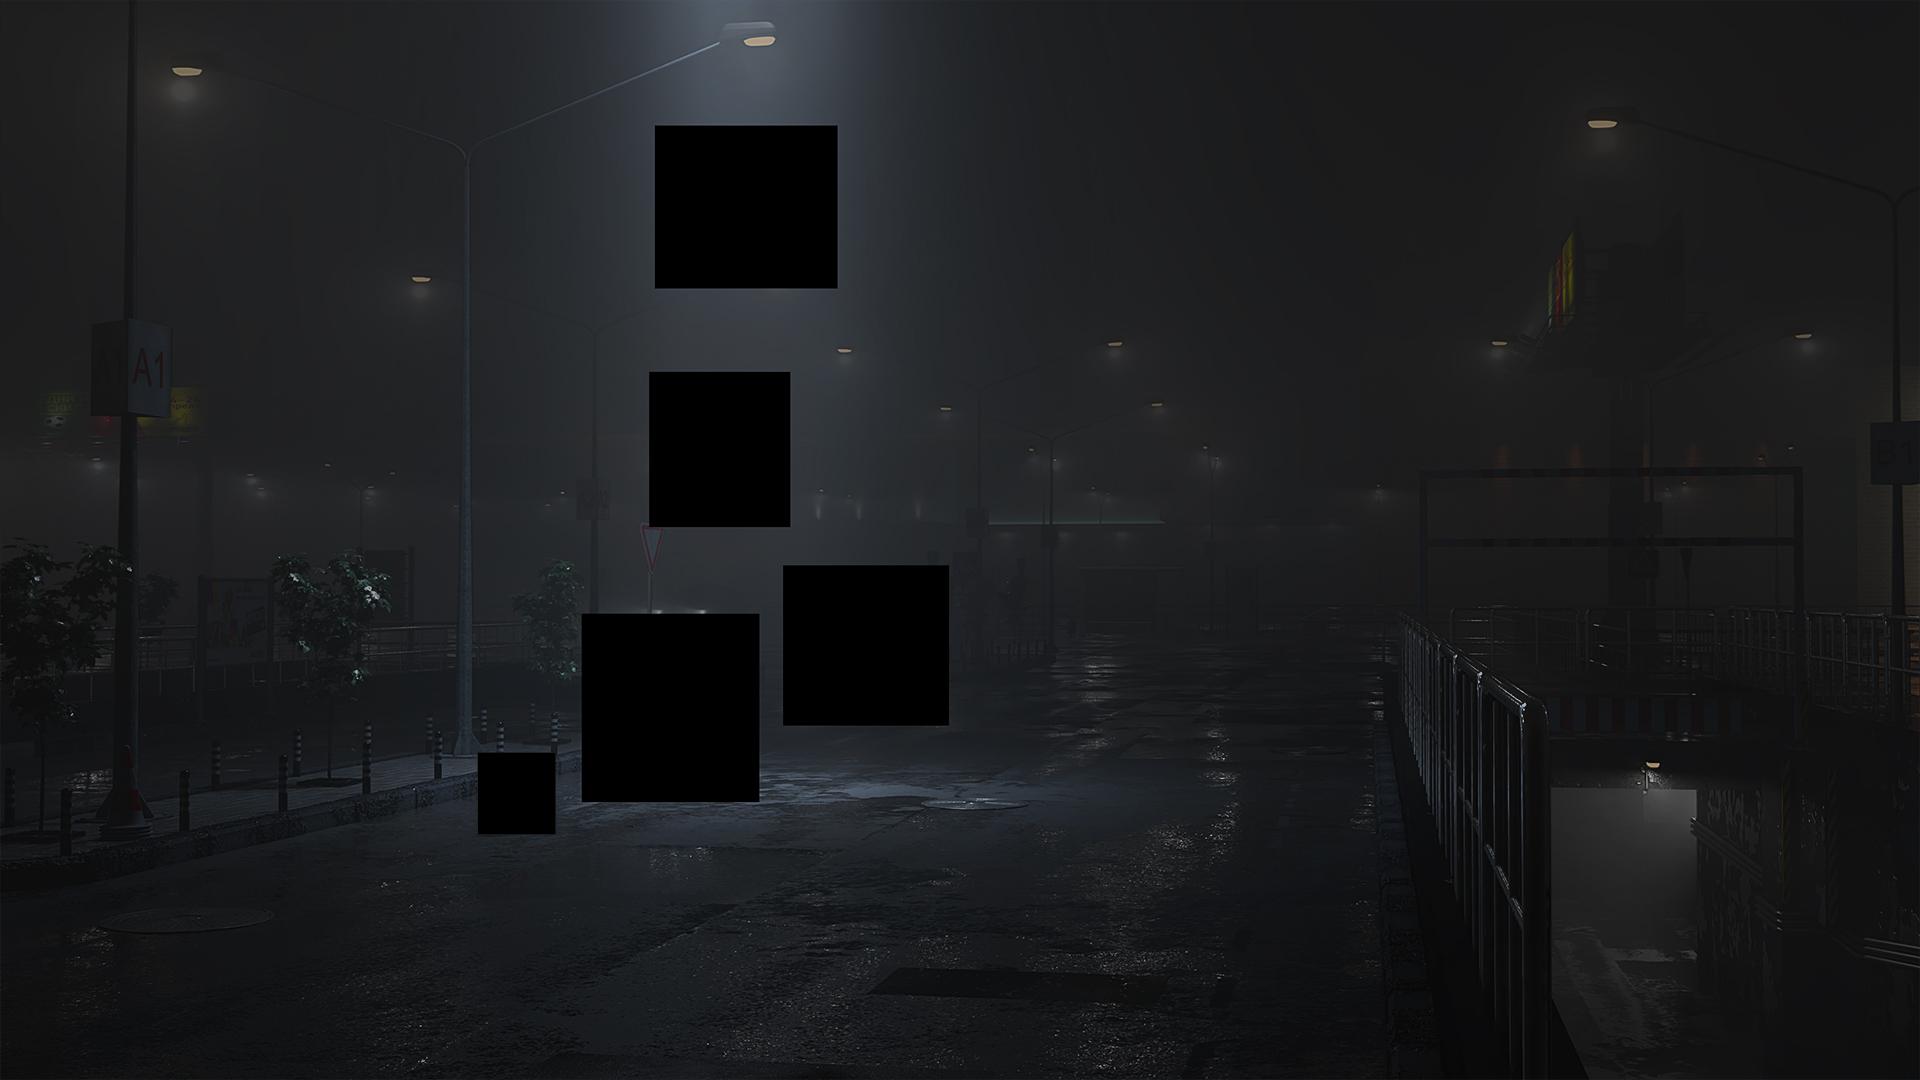 случай на парковке 3.jpg